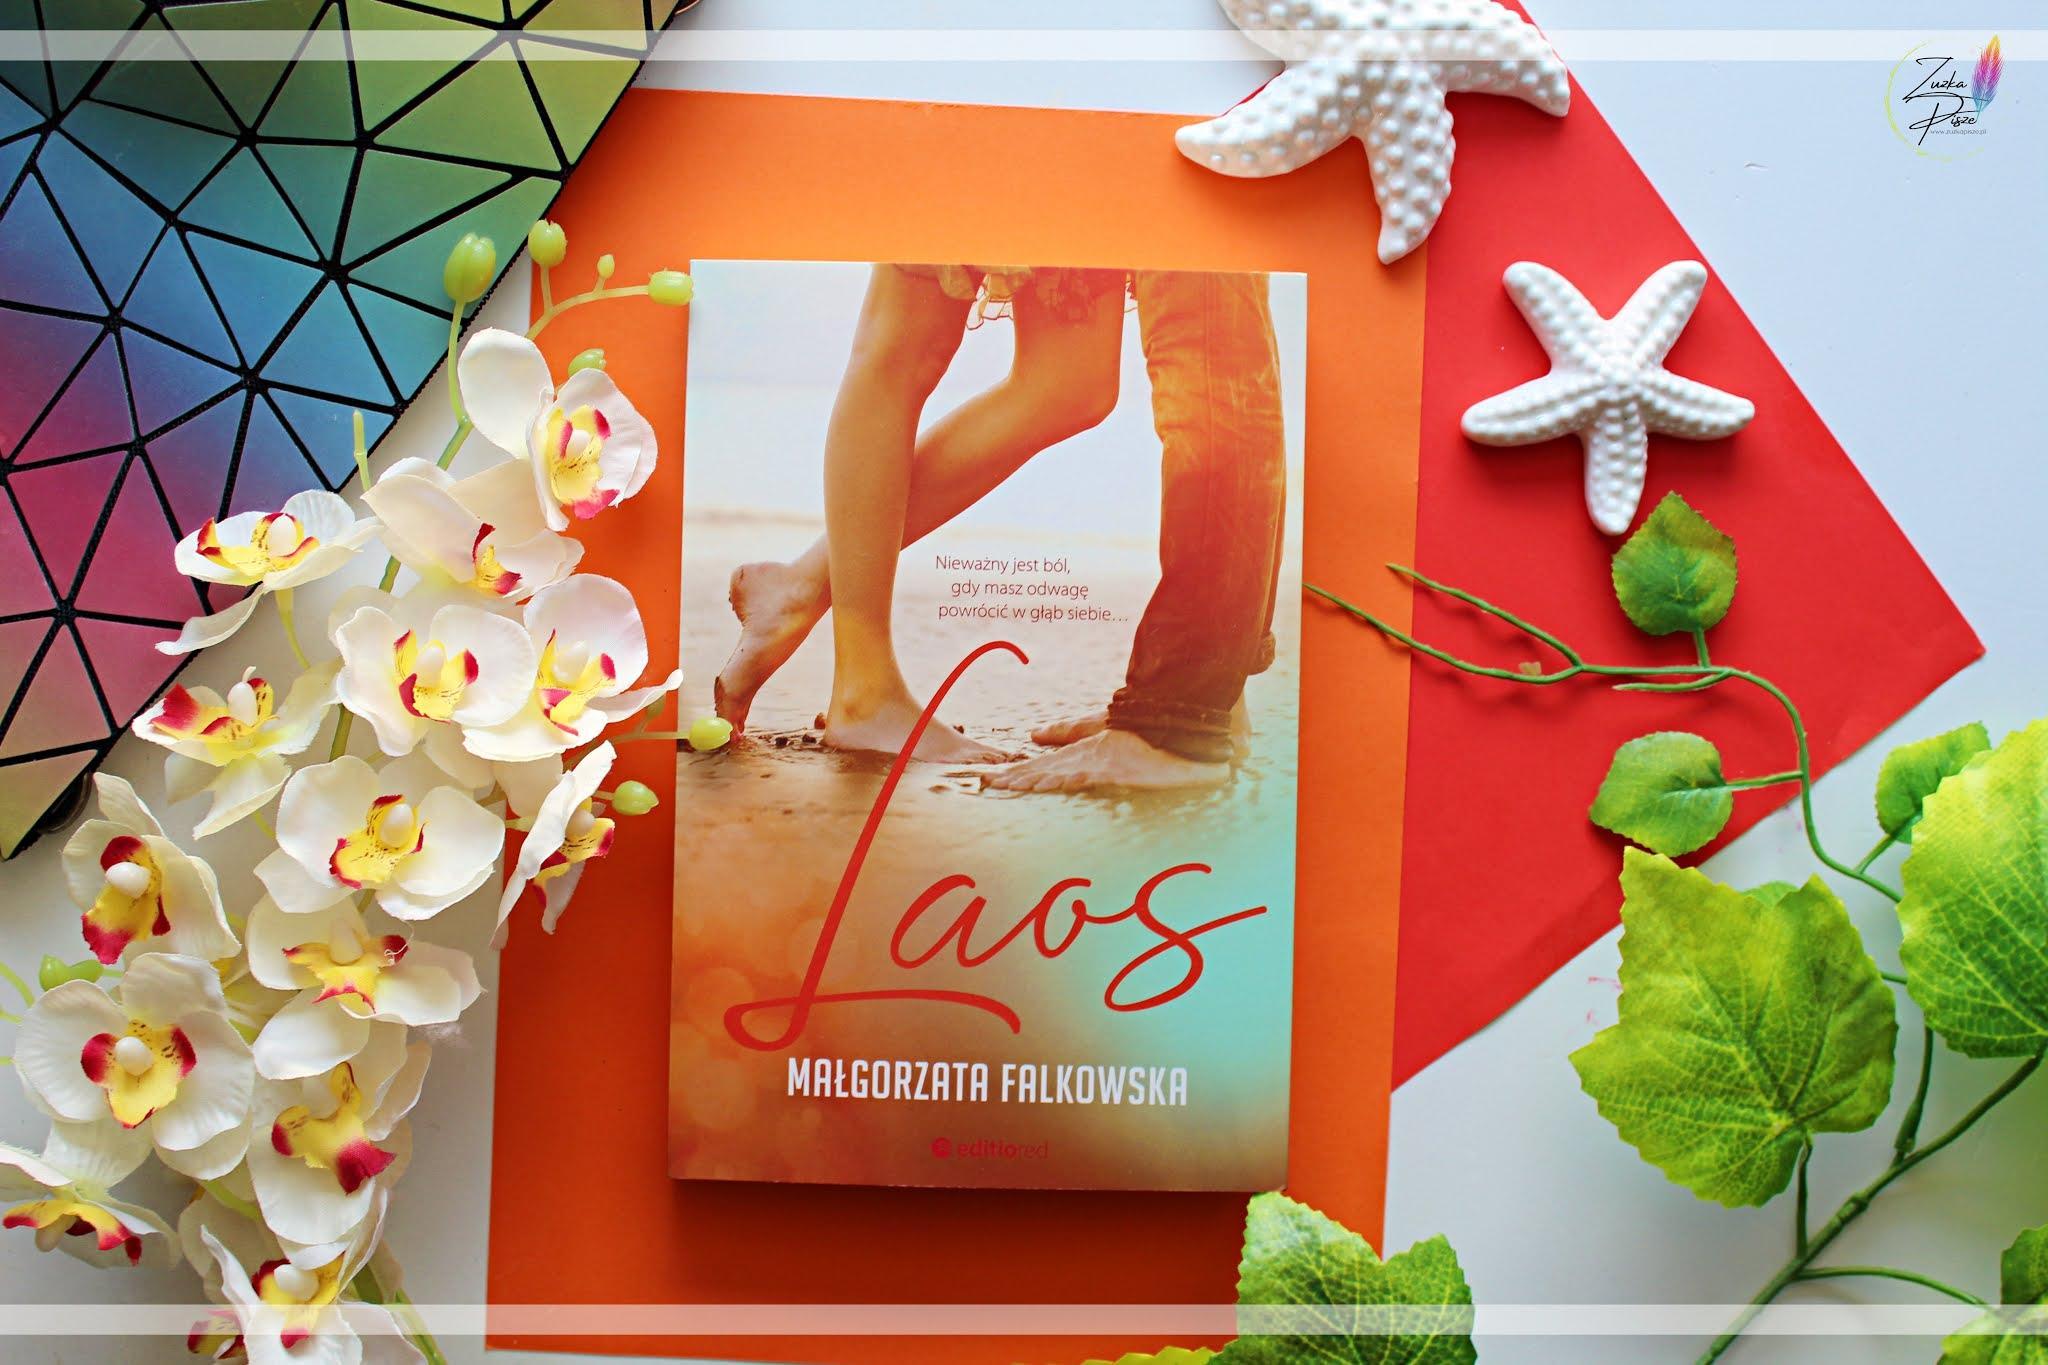 """Małgorzata Falkowska """"Laos"""" - recenzja książki"""